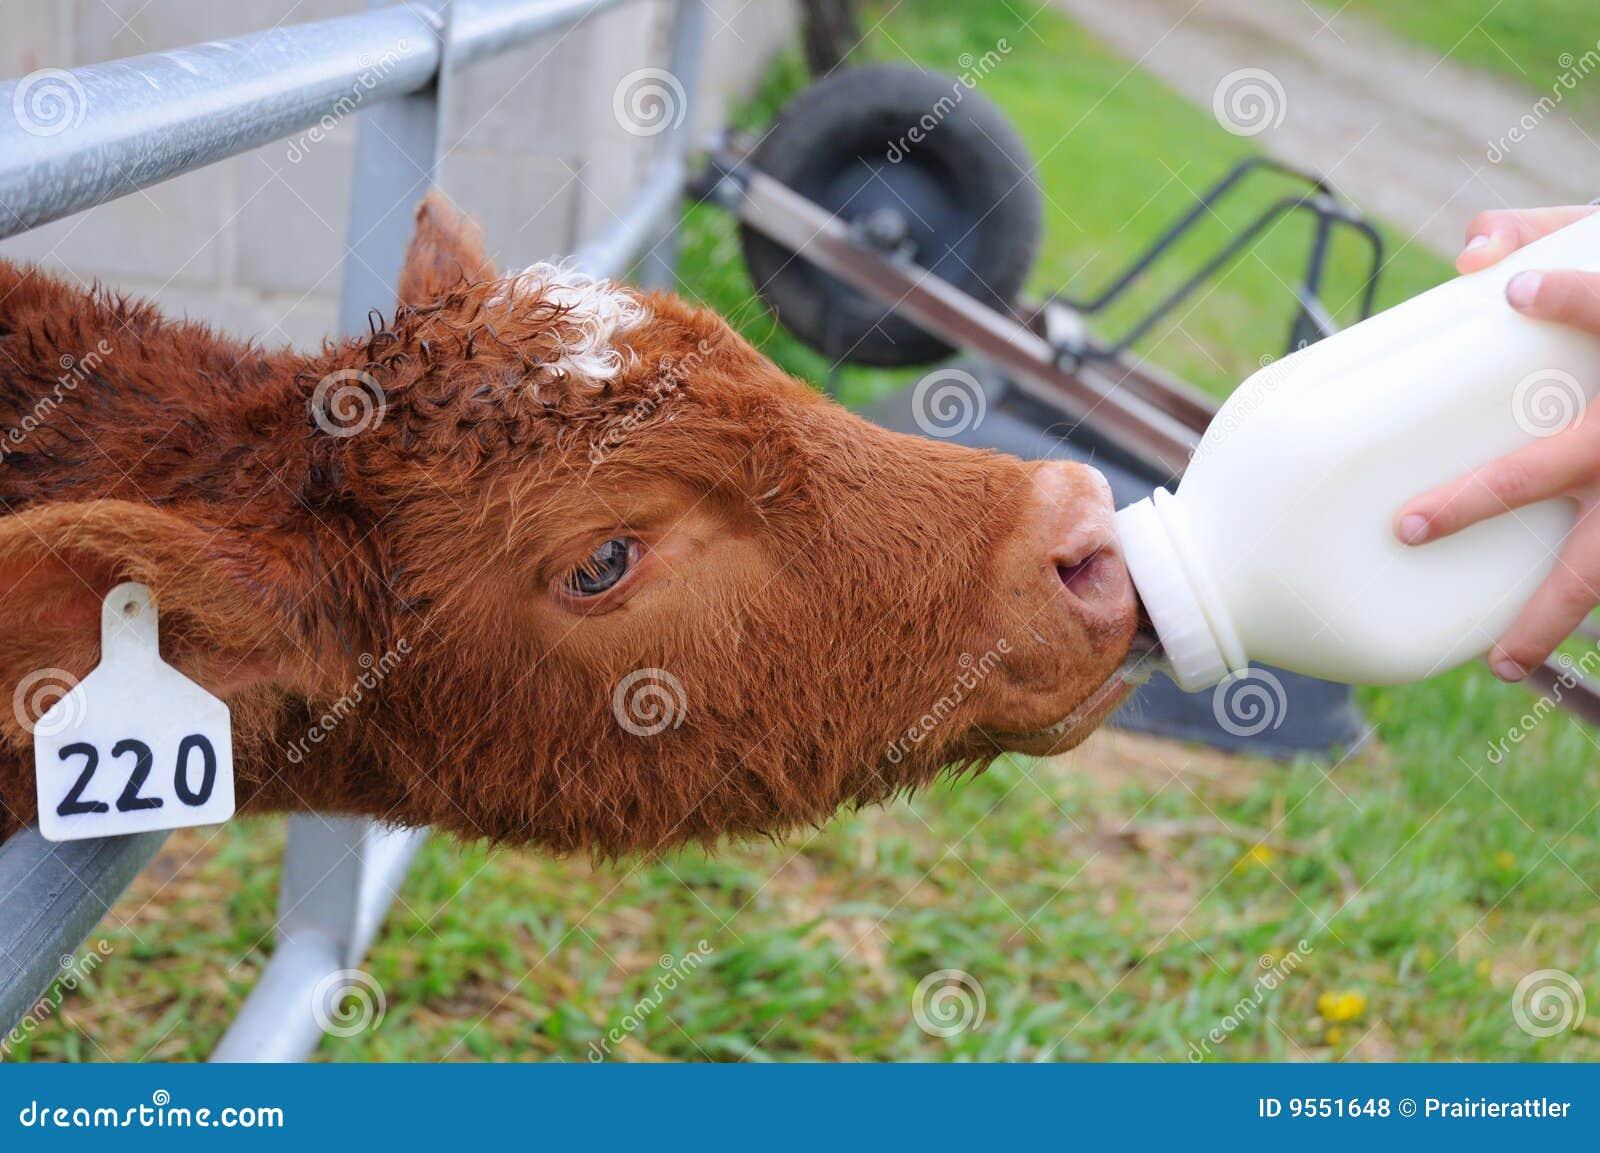 Calf Sucking A Man